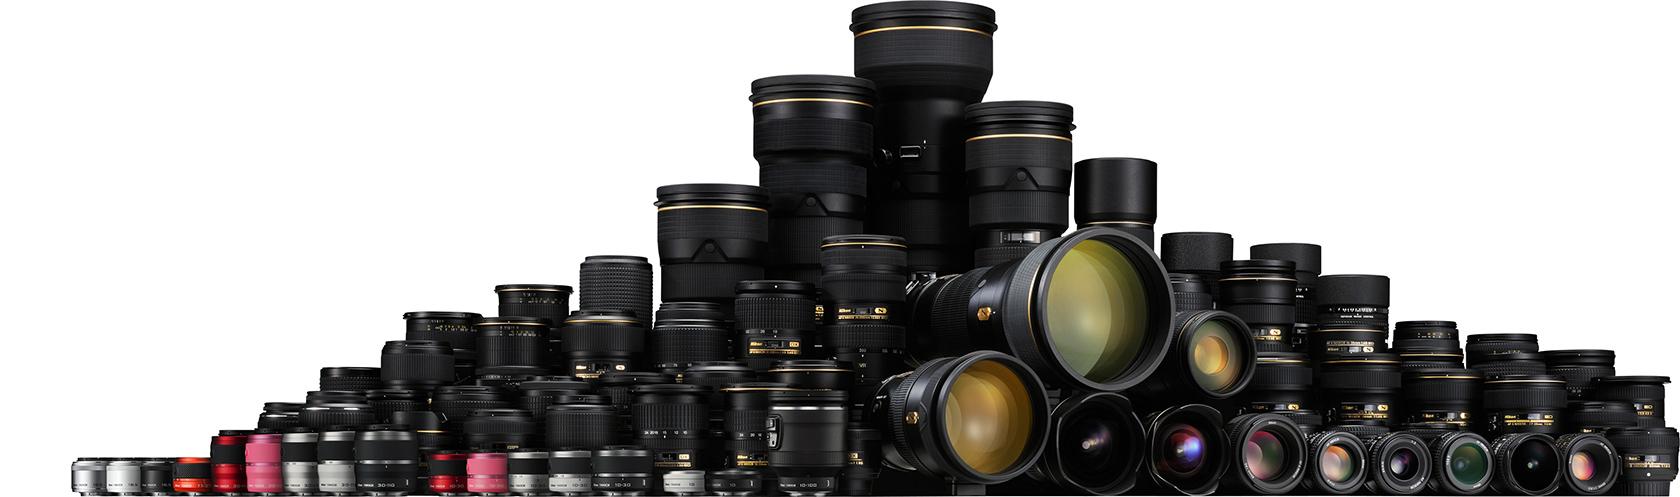 Nikkor 500mm and 600mm f/4G ED VR lenses DxOMark tested